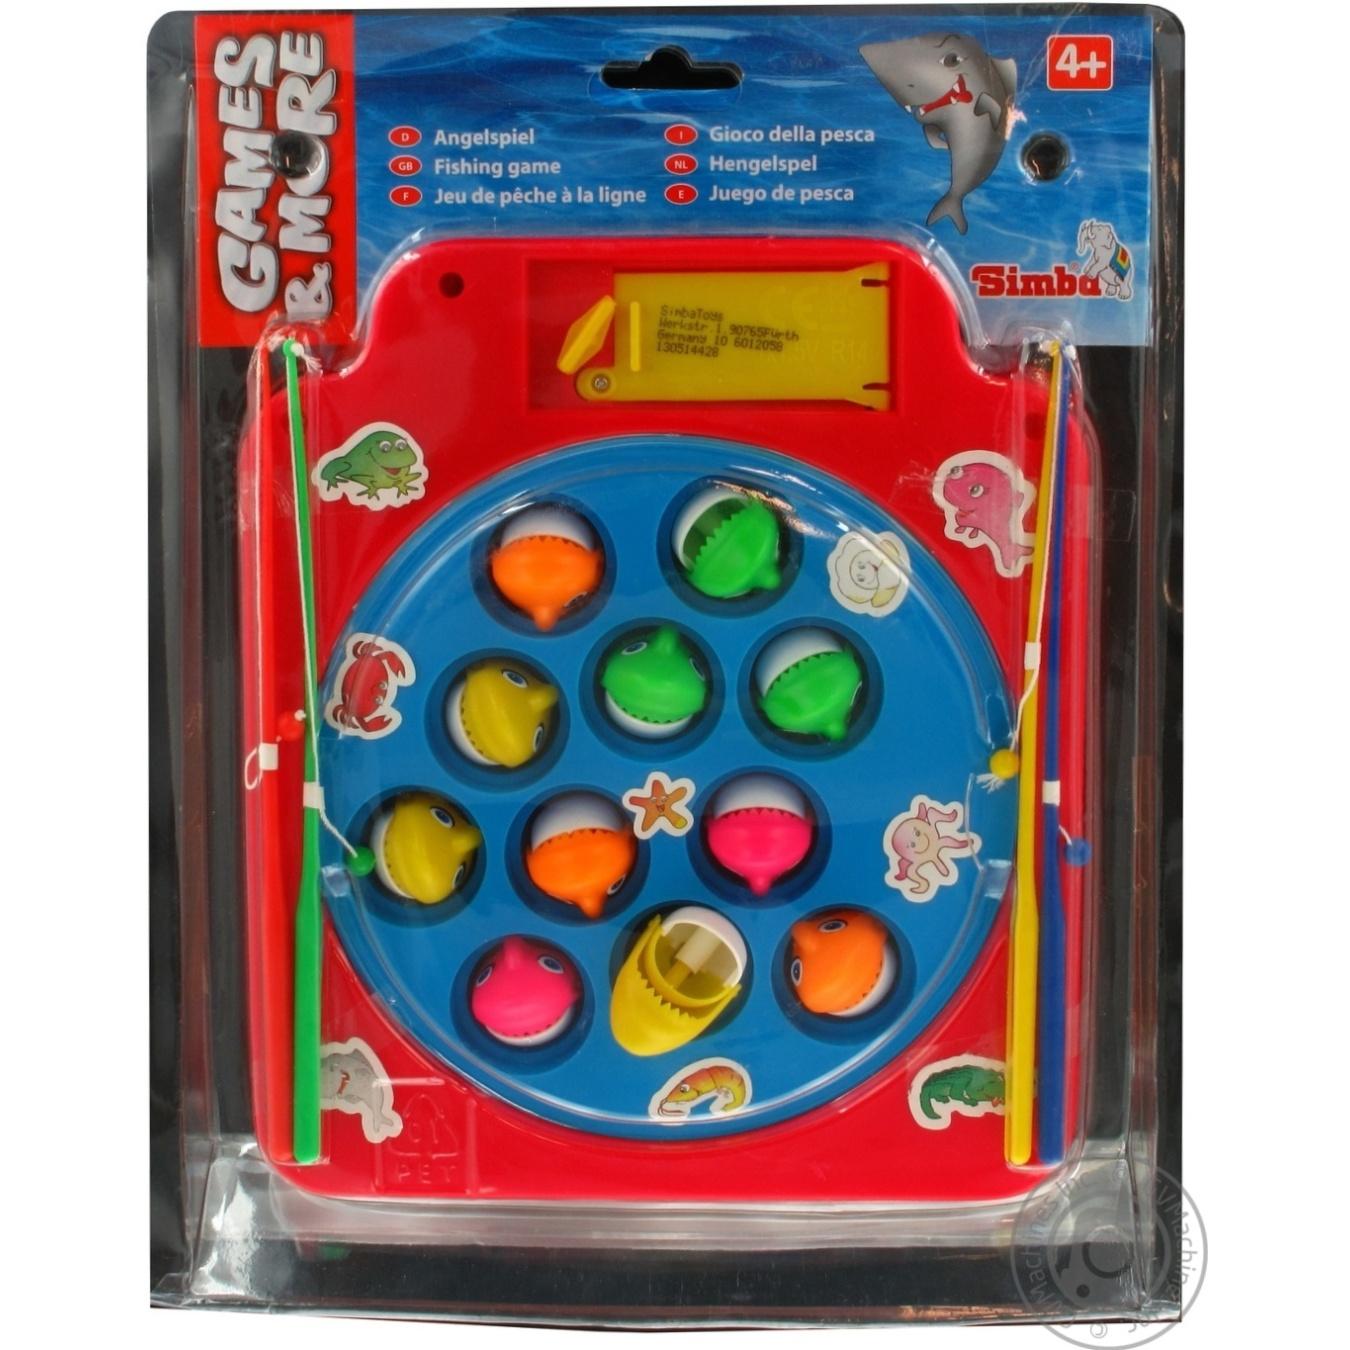 Ігровий автомат elusive gonzales